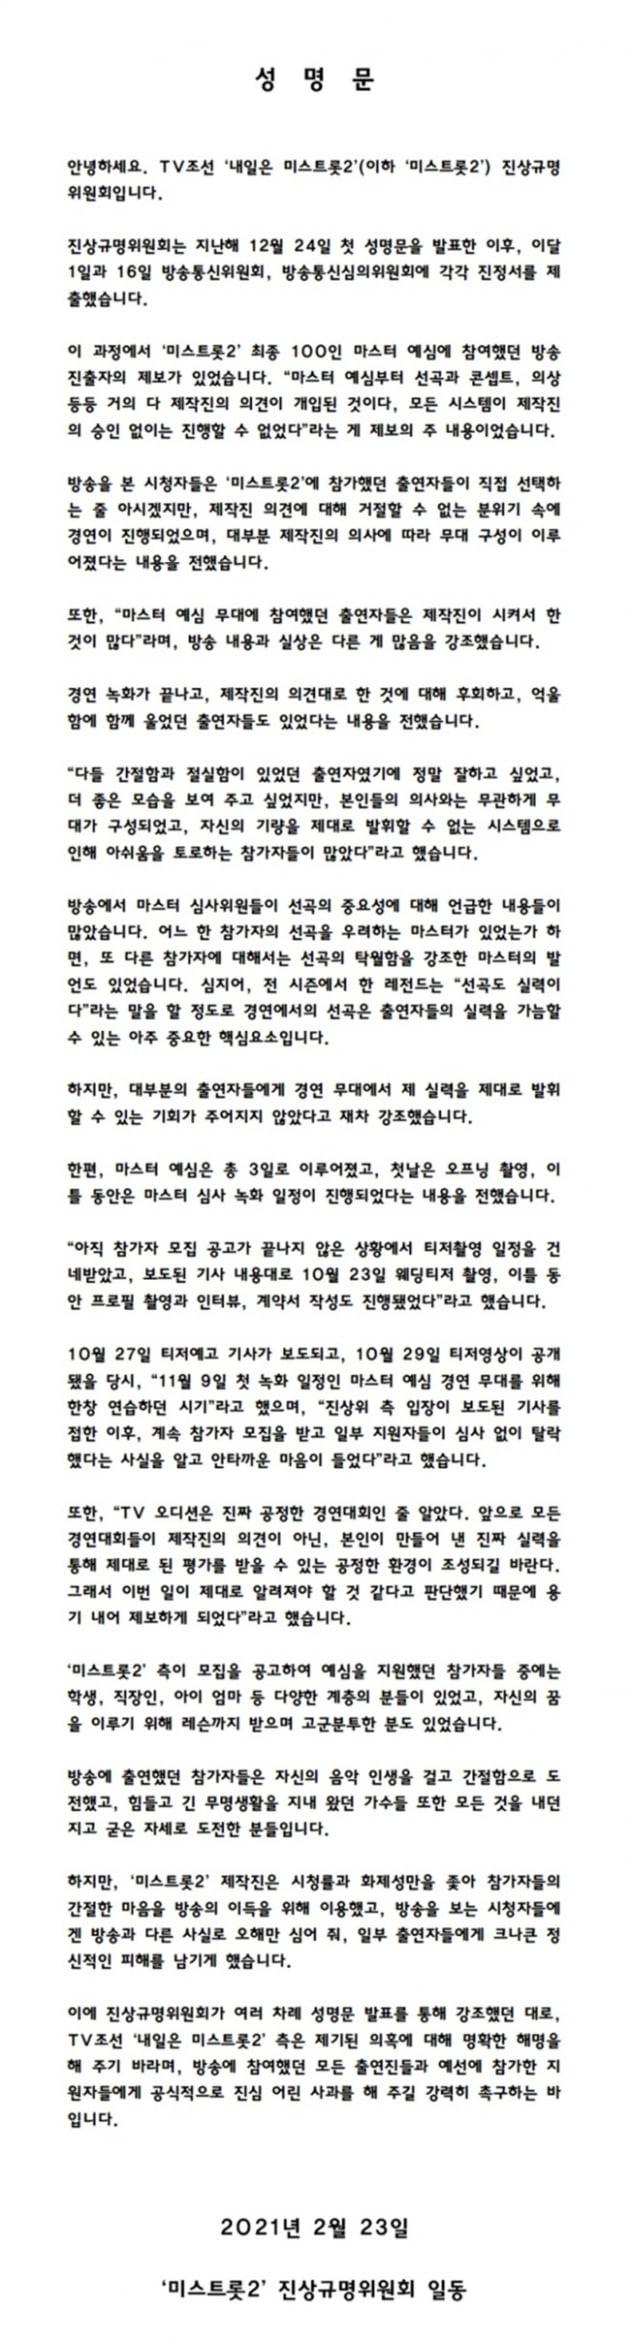 """'미스트롯2' 진상위 """"선곡부터 의상까지 제작진 개입"""" 해명 촉구 [전문]"""